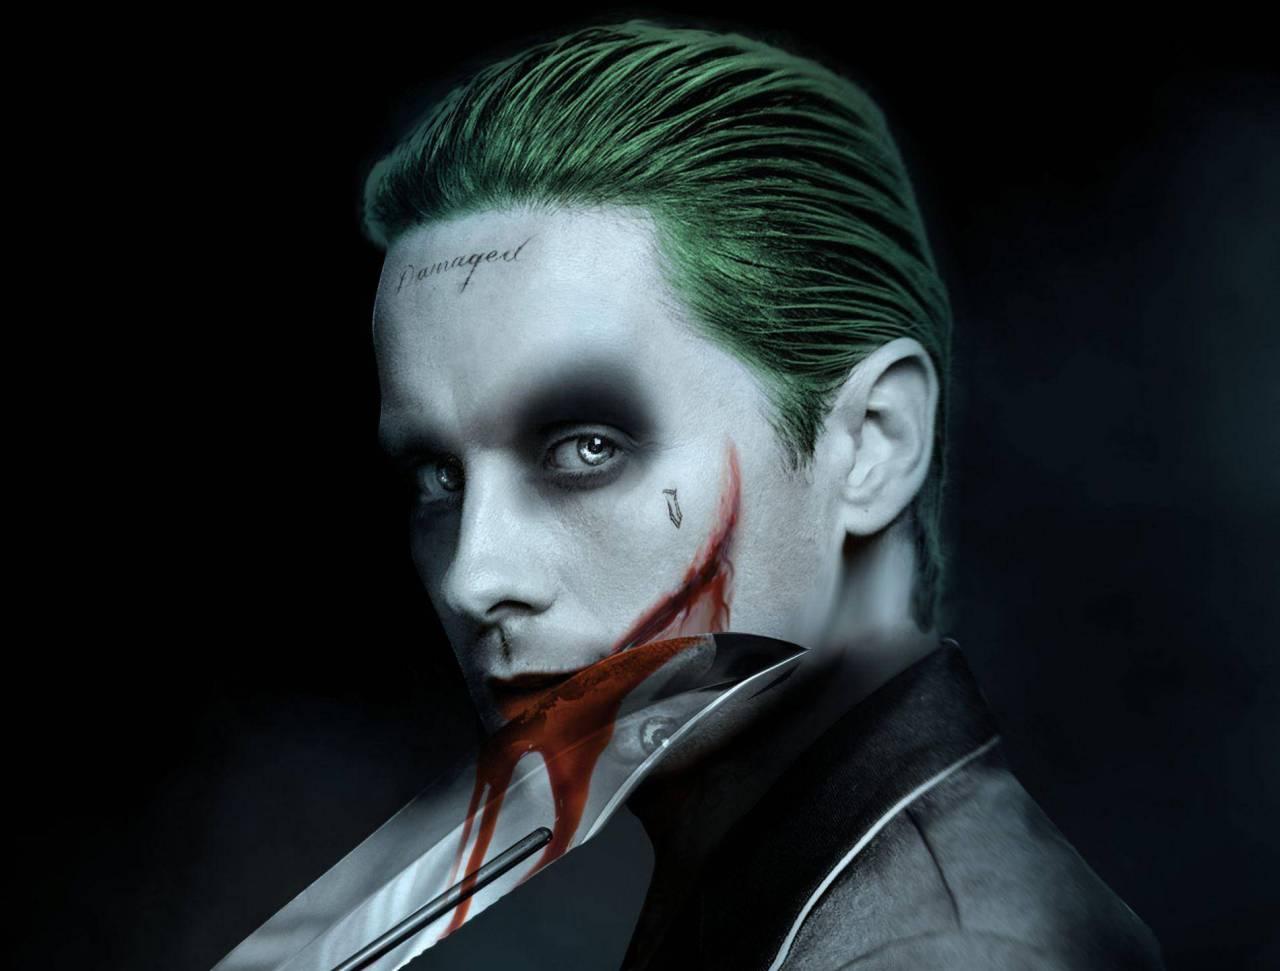 ¿Jared Leto podría regresar como Joker?